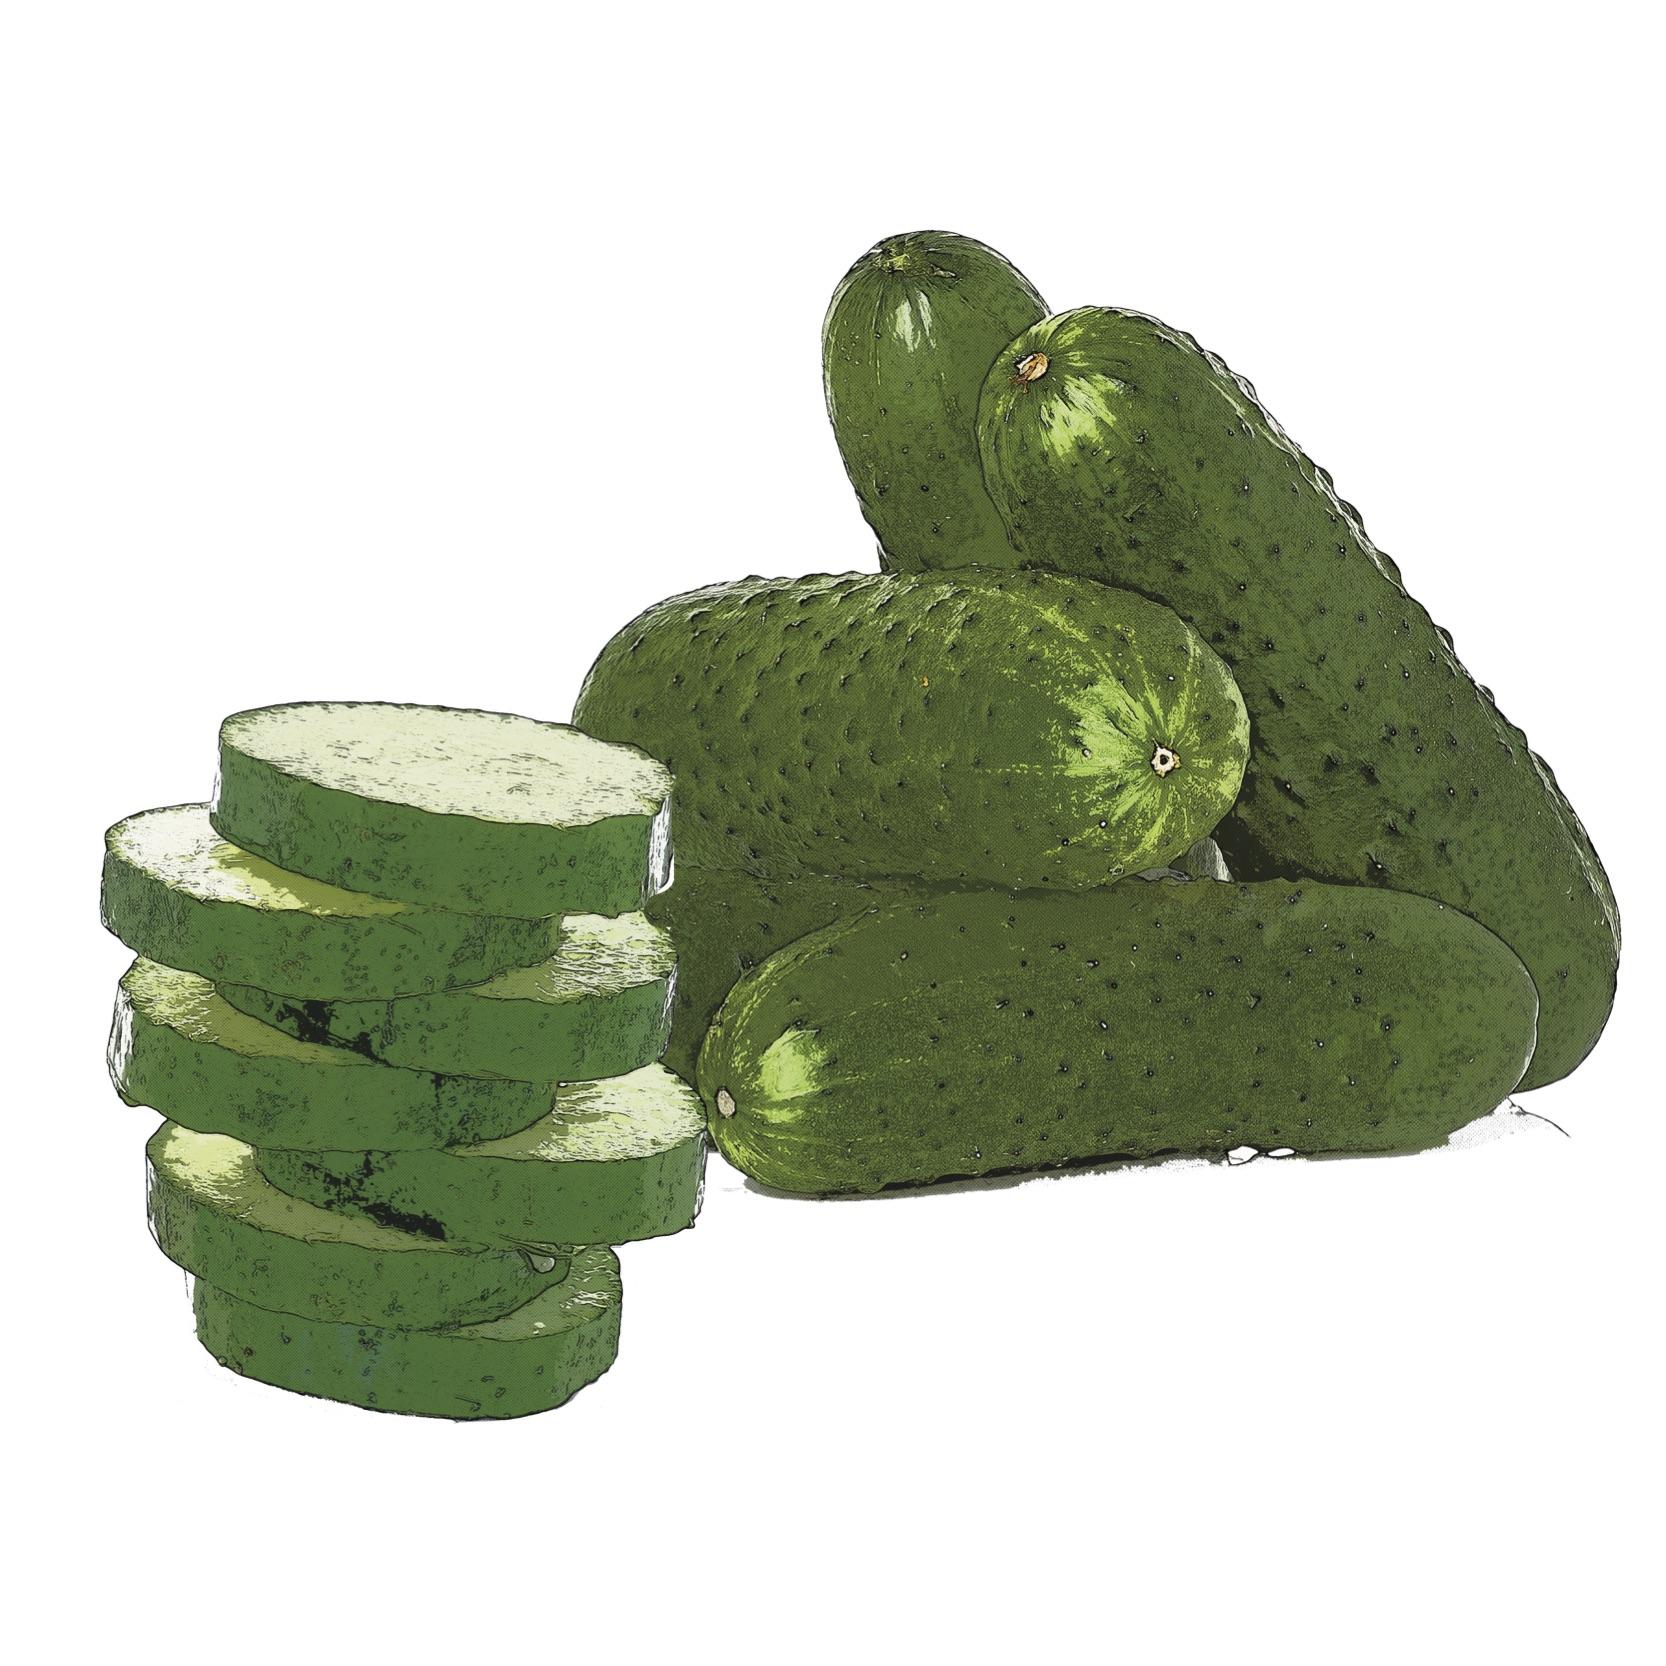 Find Cucumber Recipes